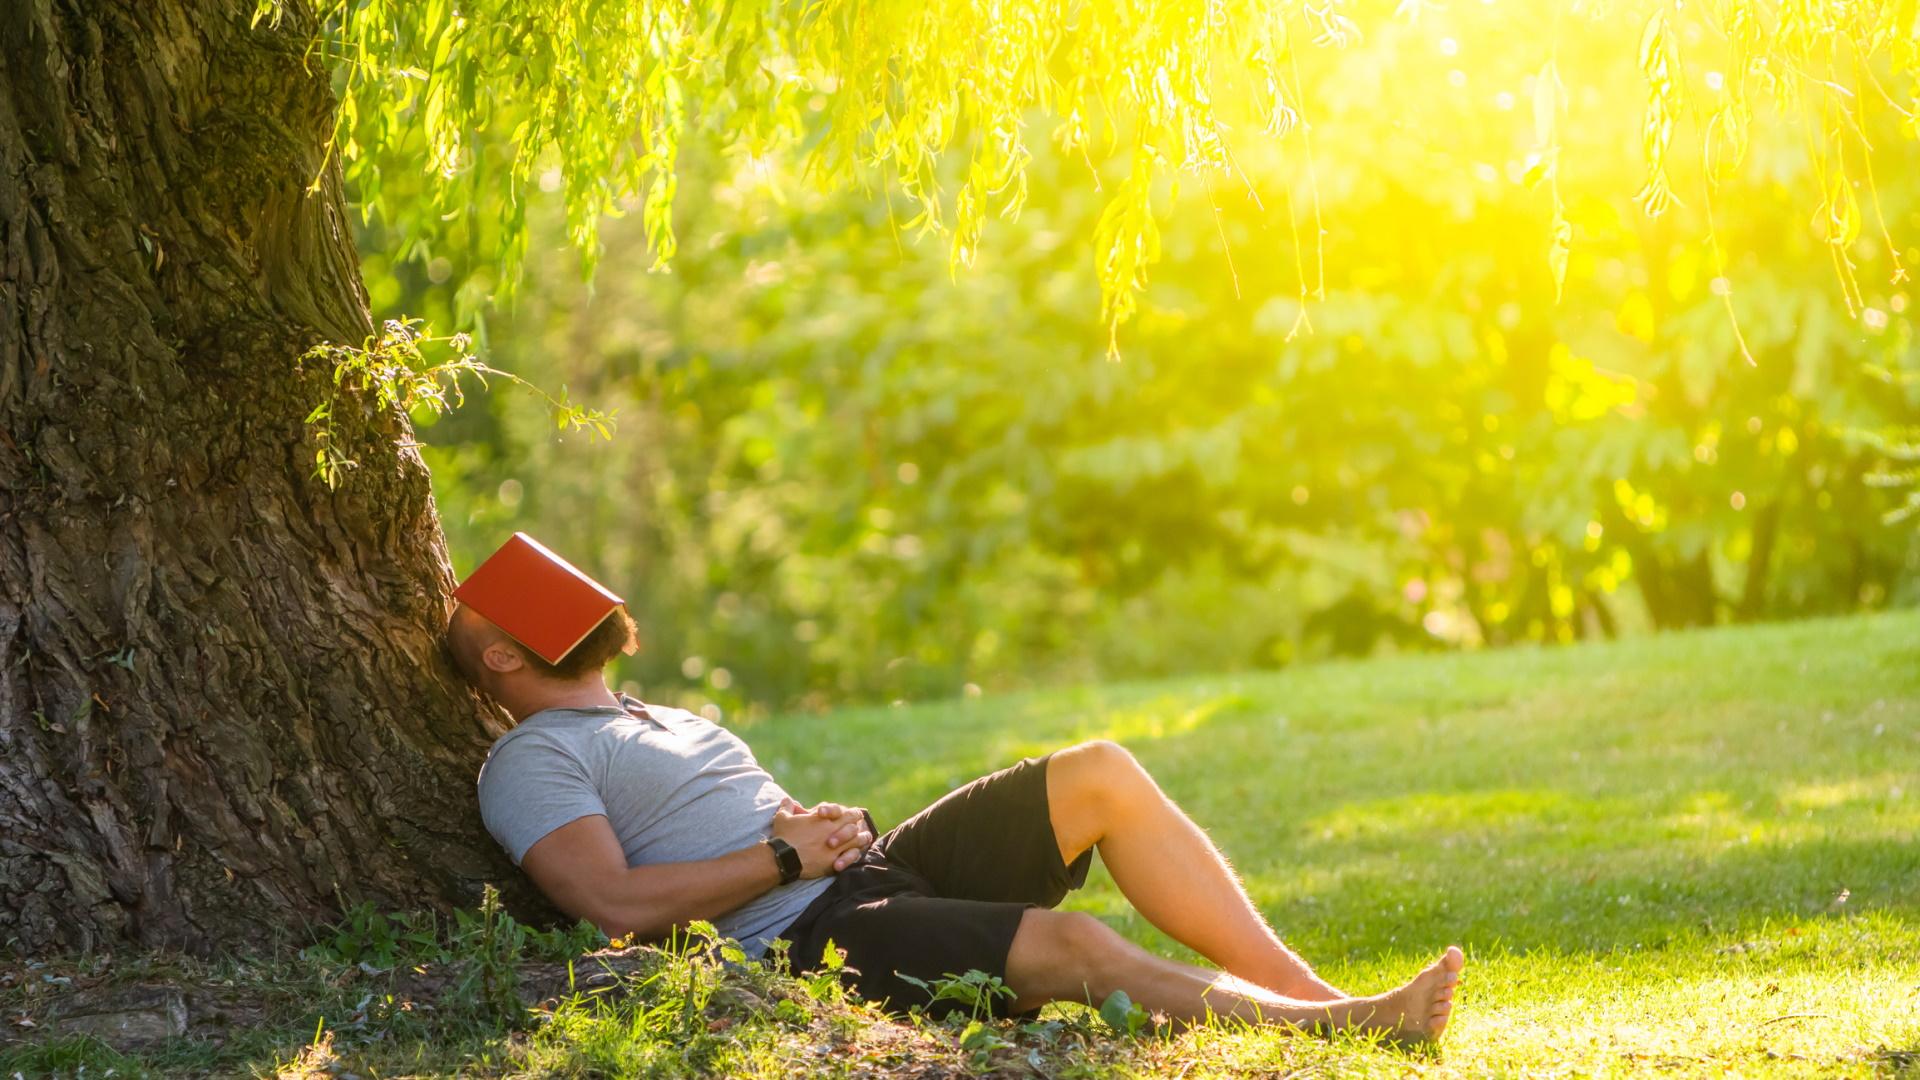 <p><strong>Без дрямки</strong></p>  <p>Горещото време може да ни направи летаргични през деня. Това е защото използваме повече енергия, за да регулираме вътрешната ни температура. Но, ако сънят ви е нарушен през нощта, избягвайте дрямката през деня.Нека ви се спи през нощта.</p>